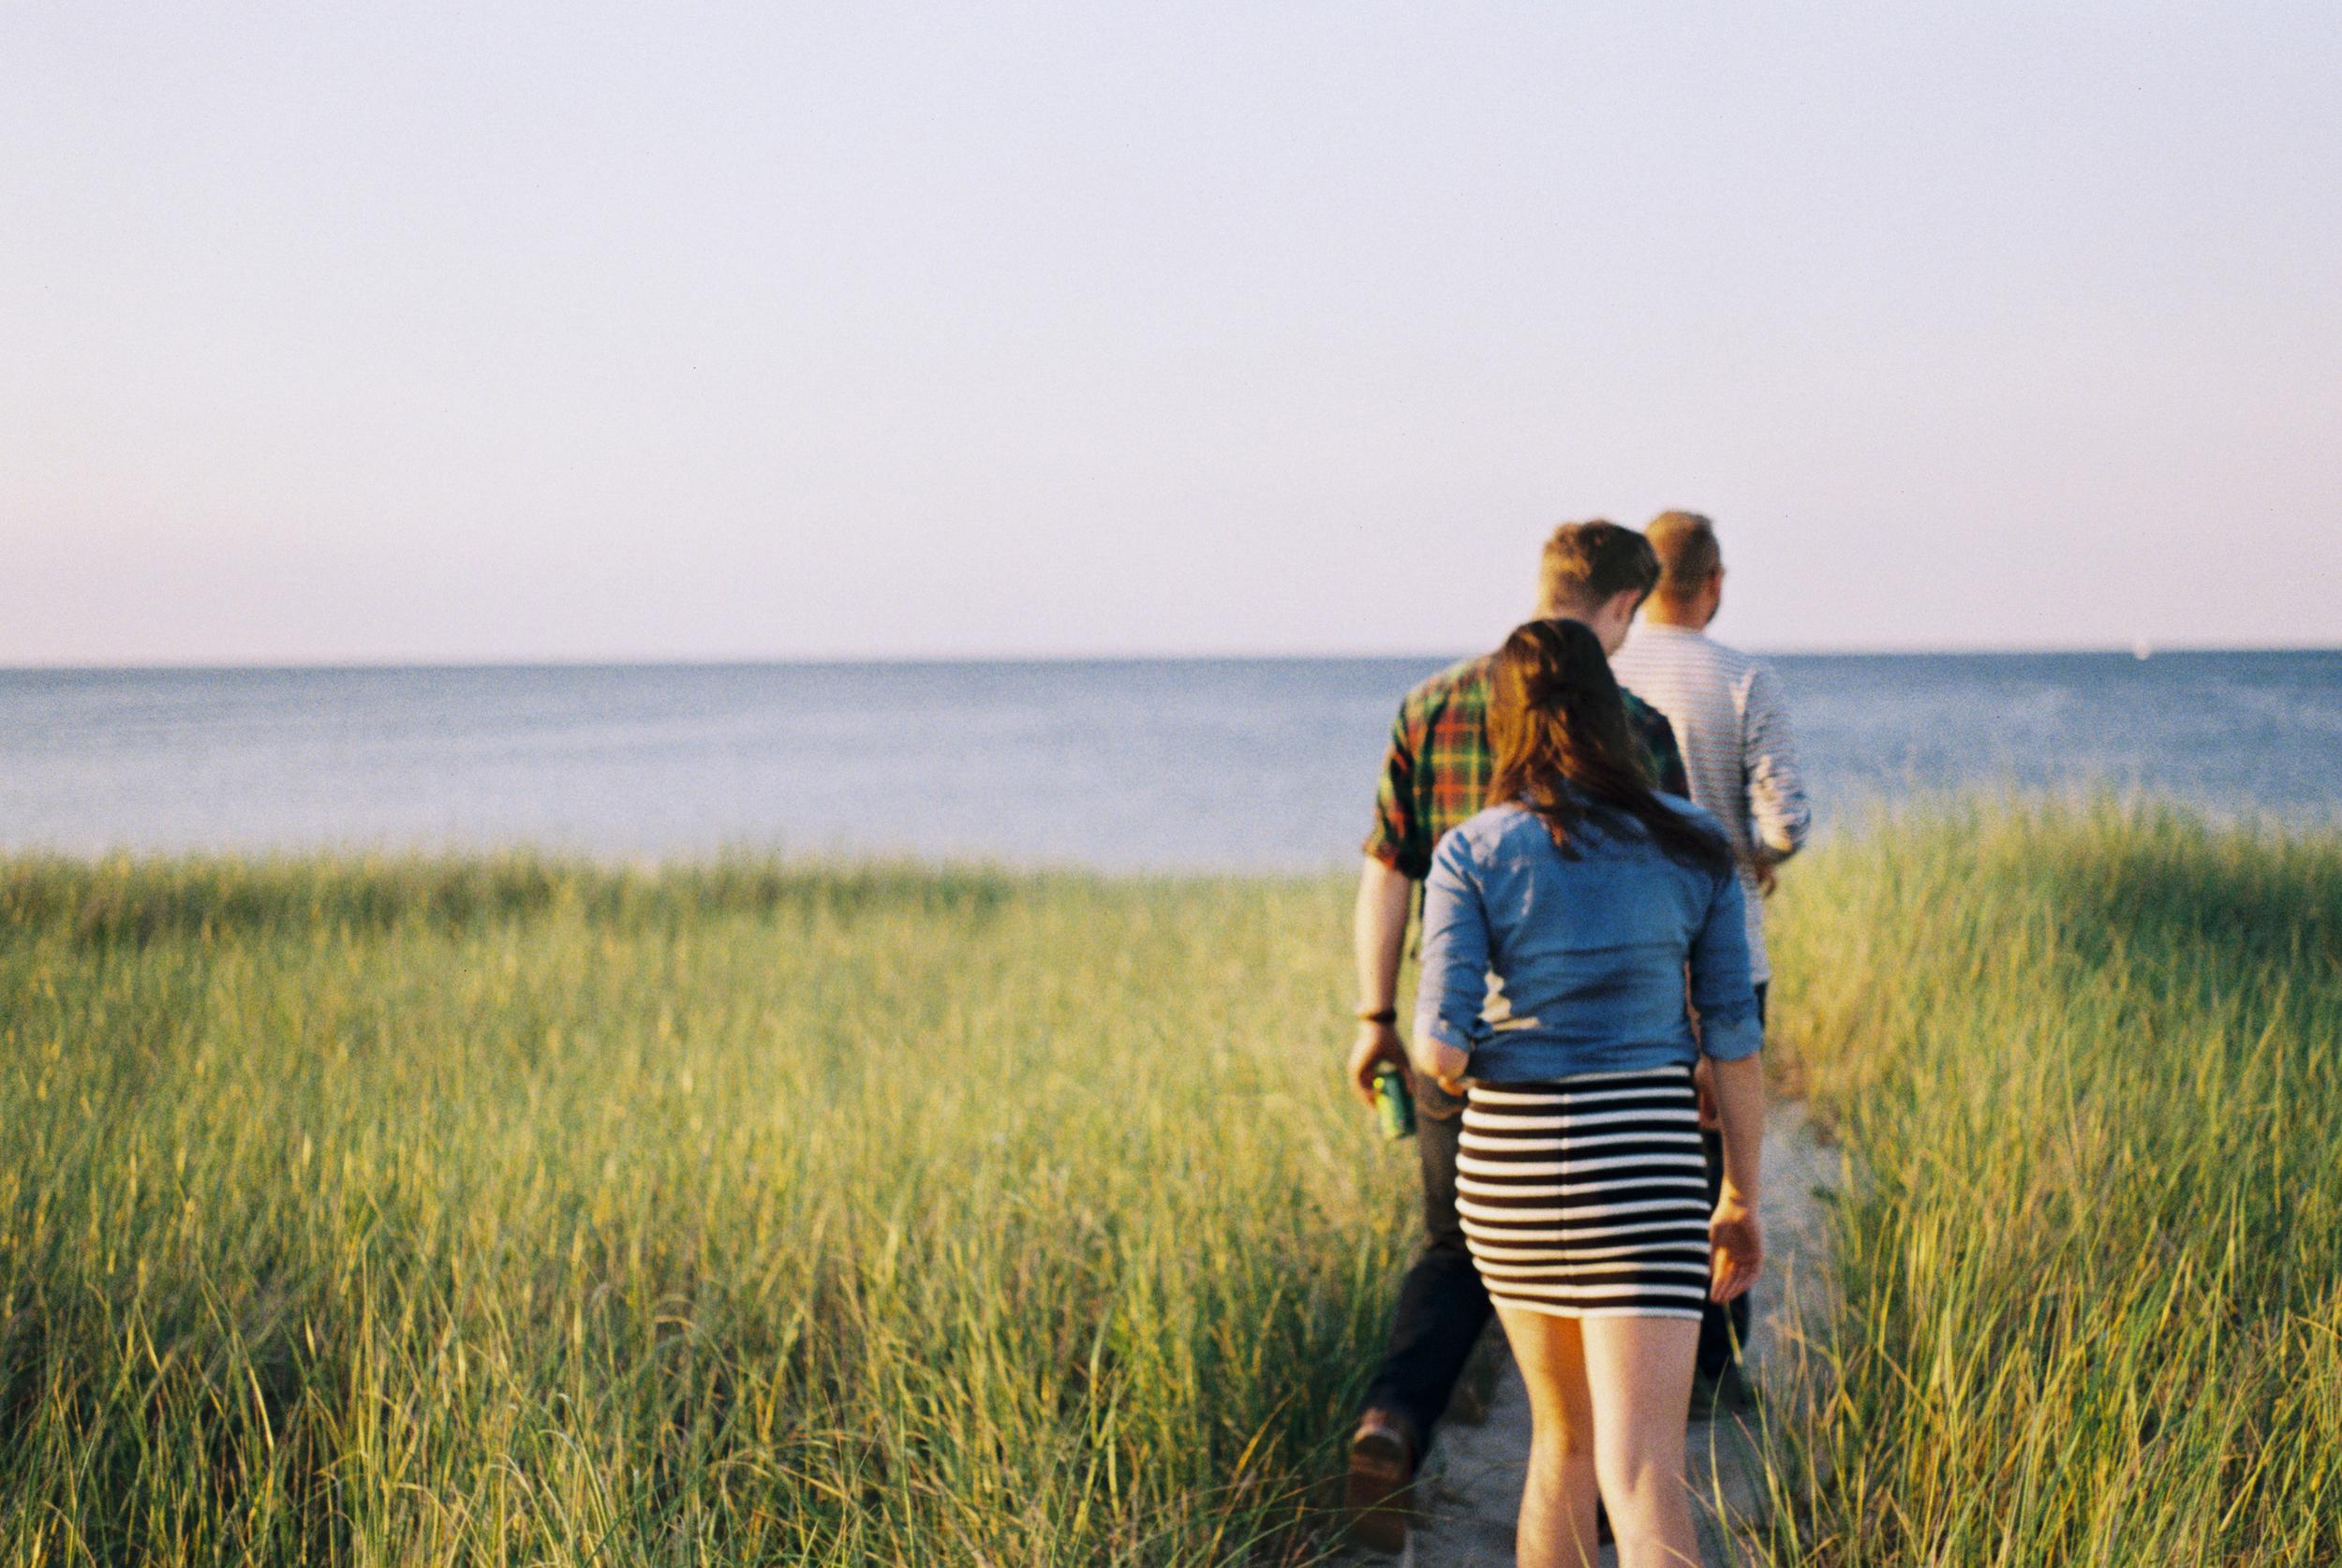 beach_walk-straighten.jpg